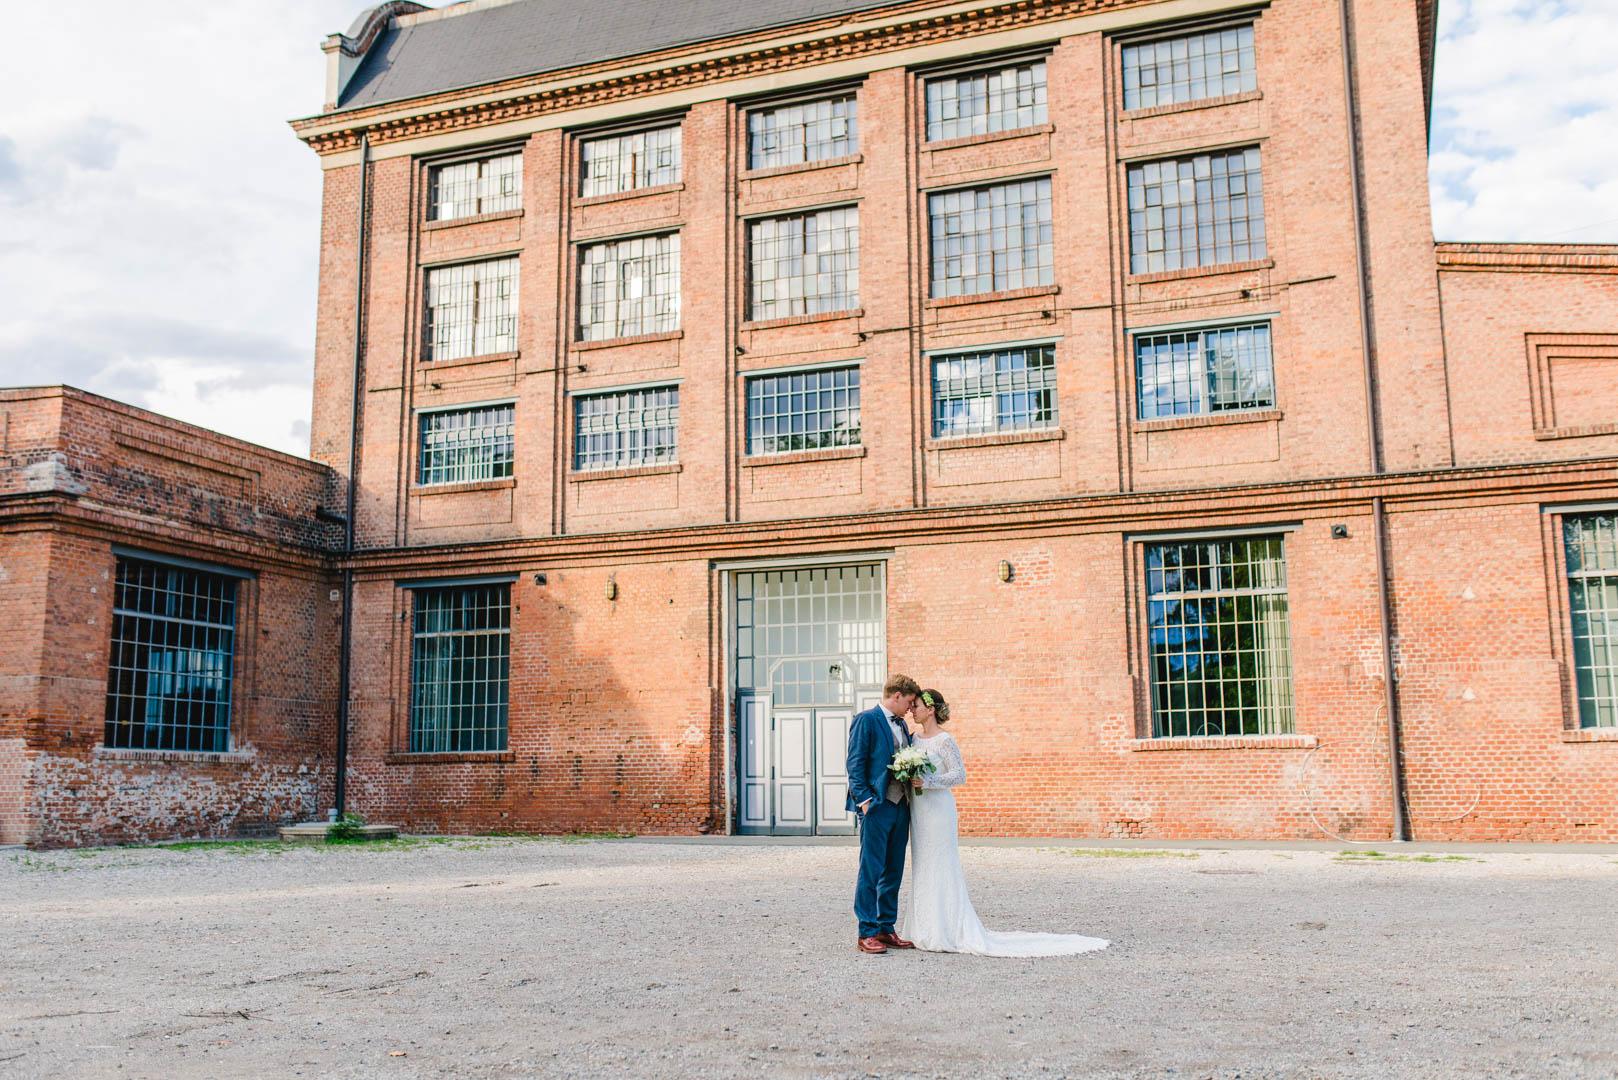 Ganze Reportage Vintagehochzeit In Graz Hochzeitsfotografin Aus Wien